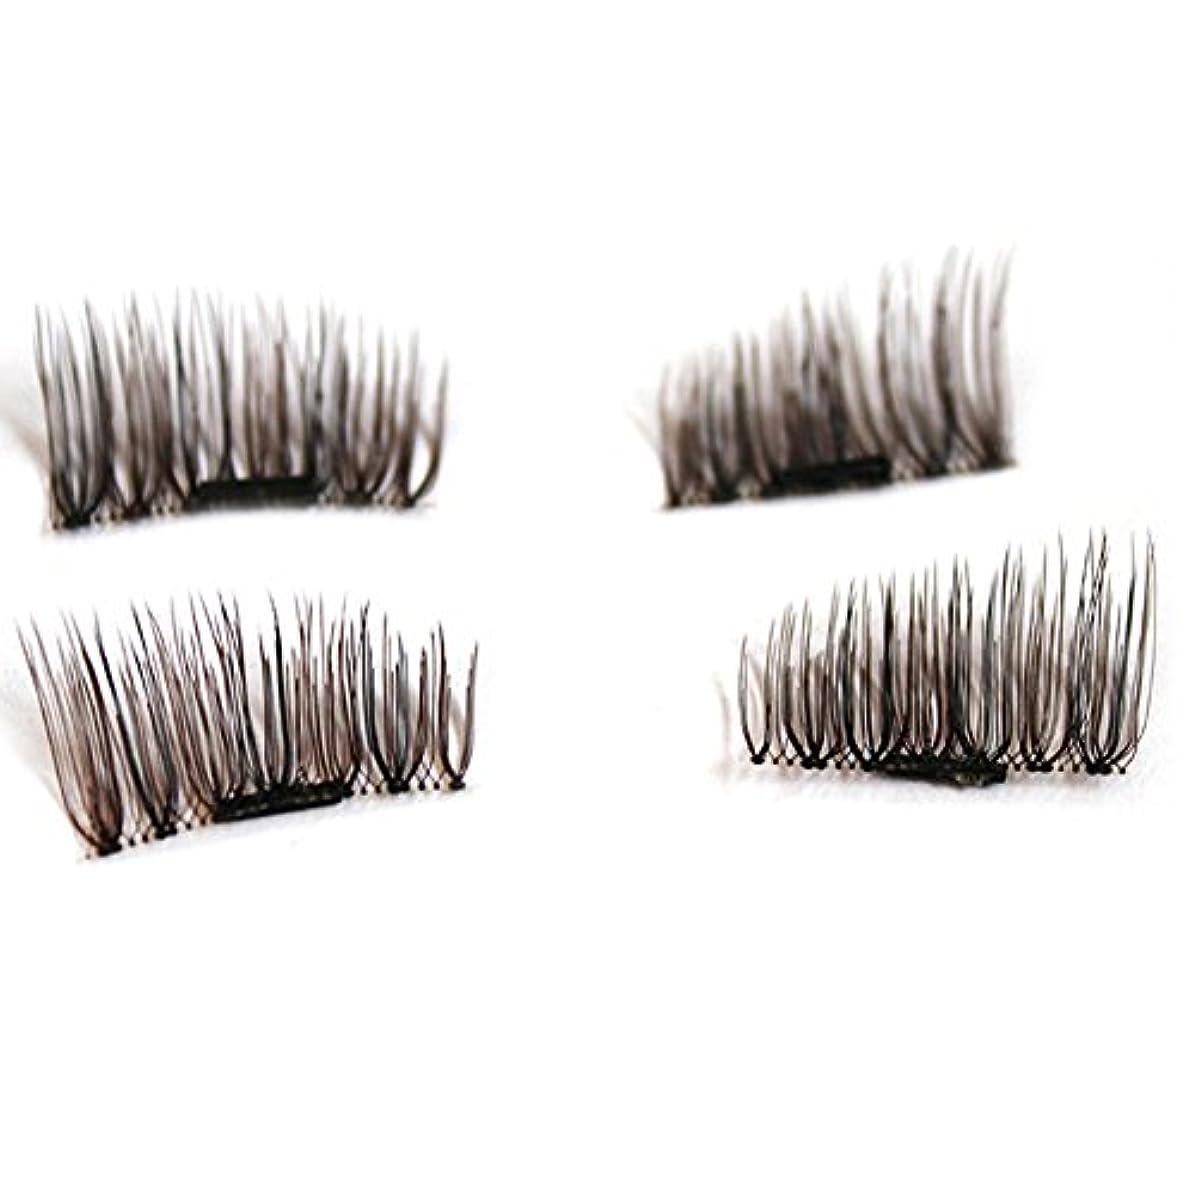 購入レンジボードCozyrom 2ペアセット つけまつげ 磁気 3D マグネット 付け睫毛 長い 再利用可能 濃密 簡単に装着 手作り